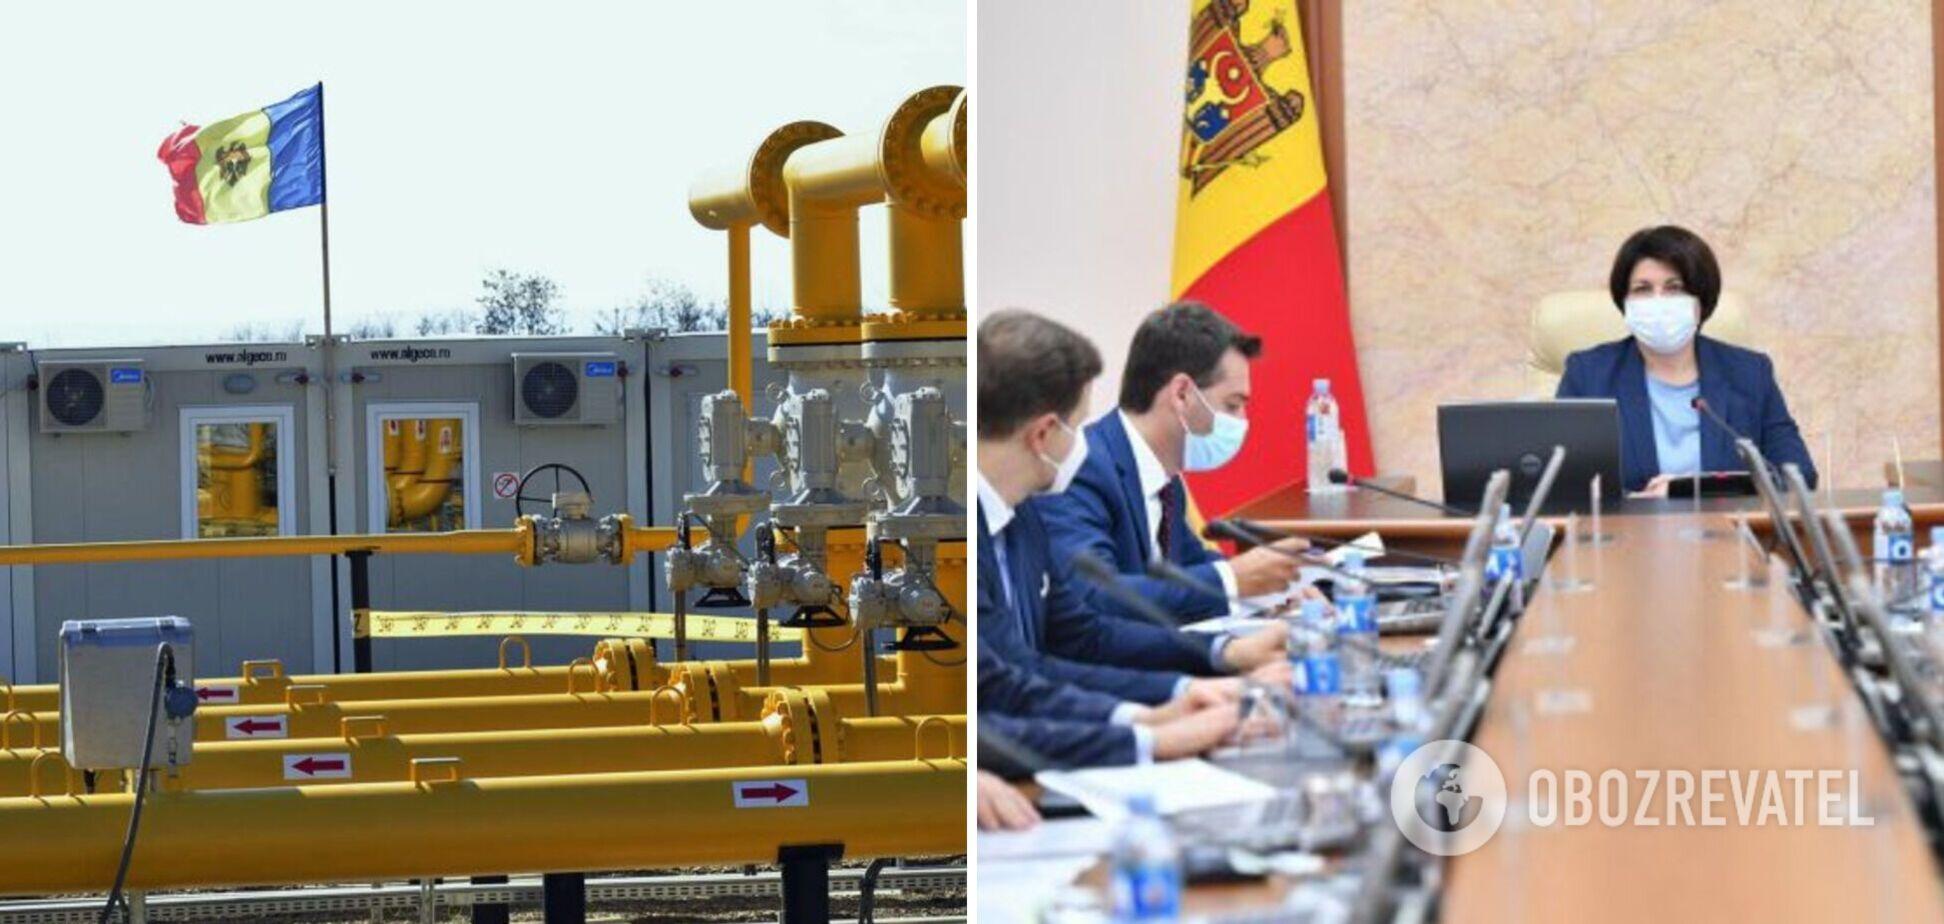 В Молдове ввели чрезвычайное положение из-за газового кризиса